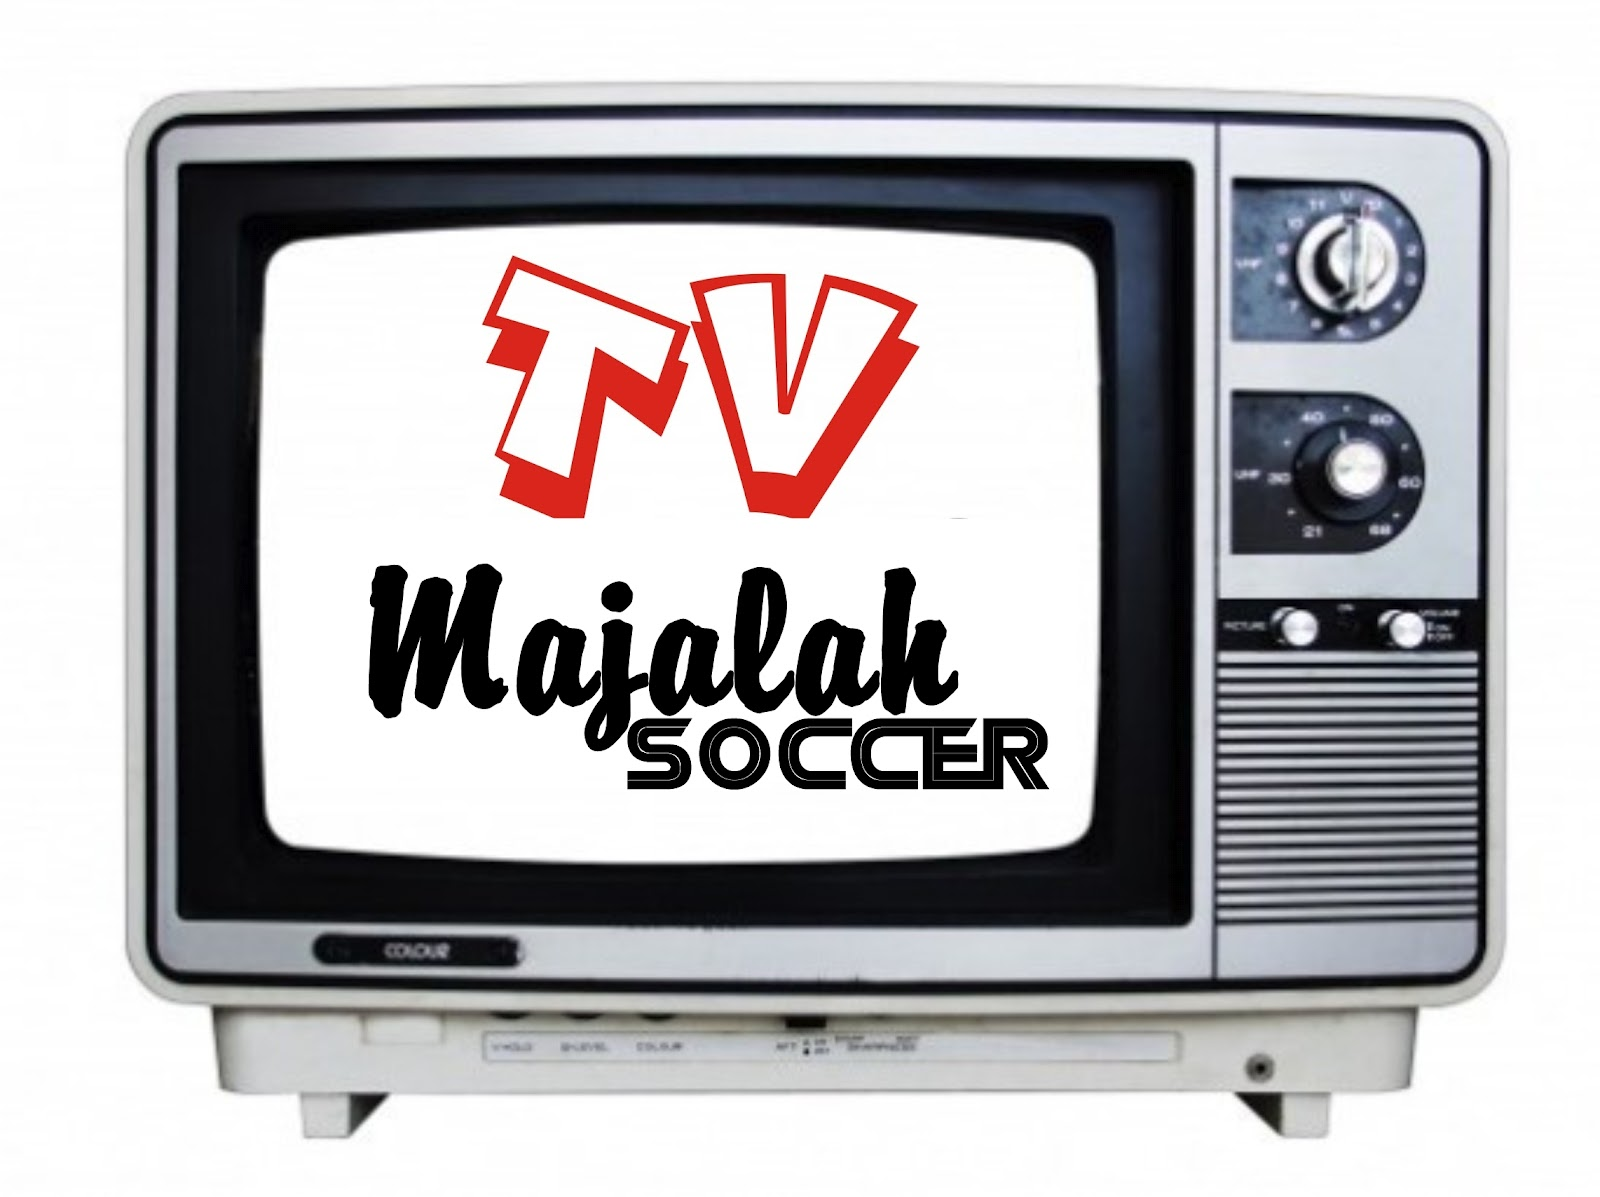 spanyol liga jerman liga prancis liga belanda liga champions liga ...